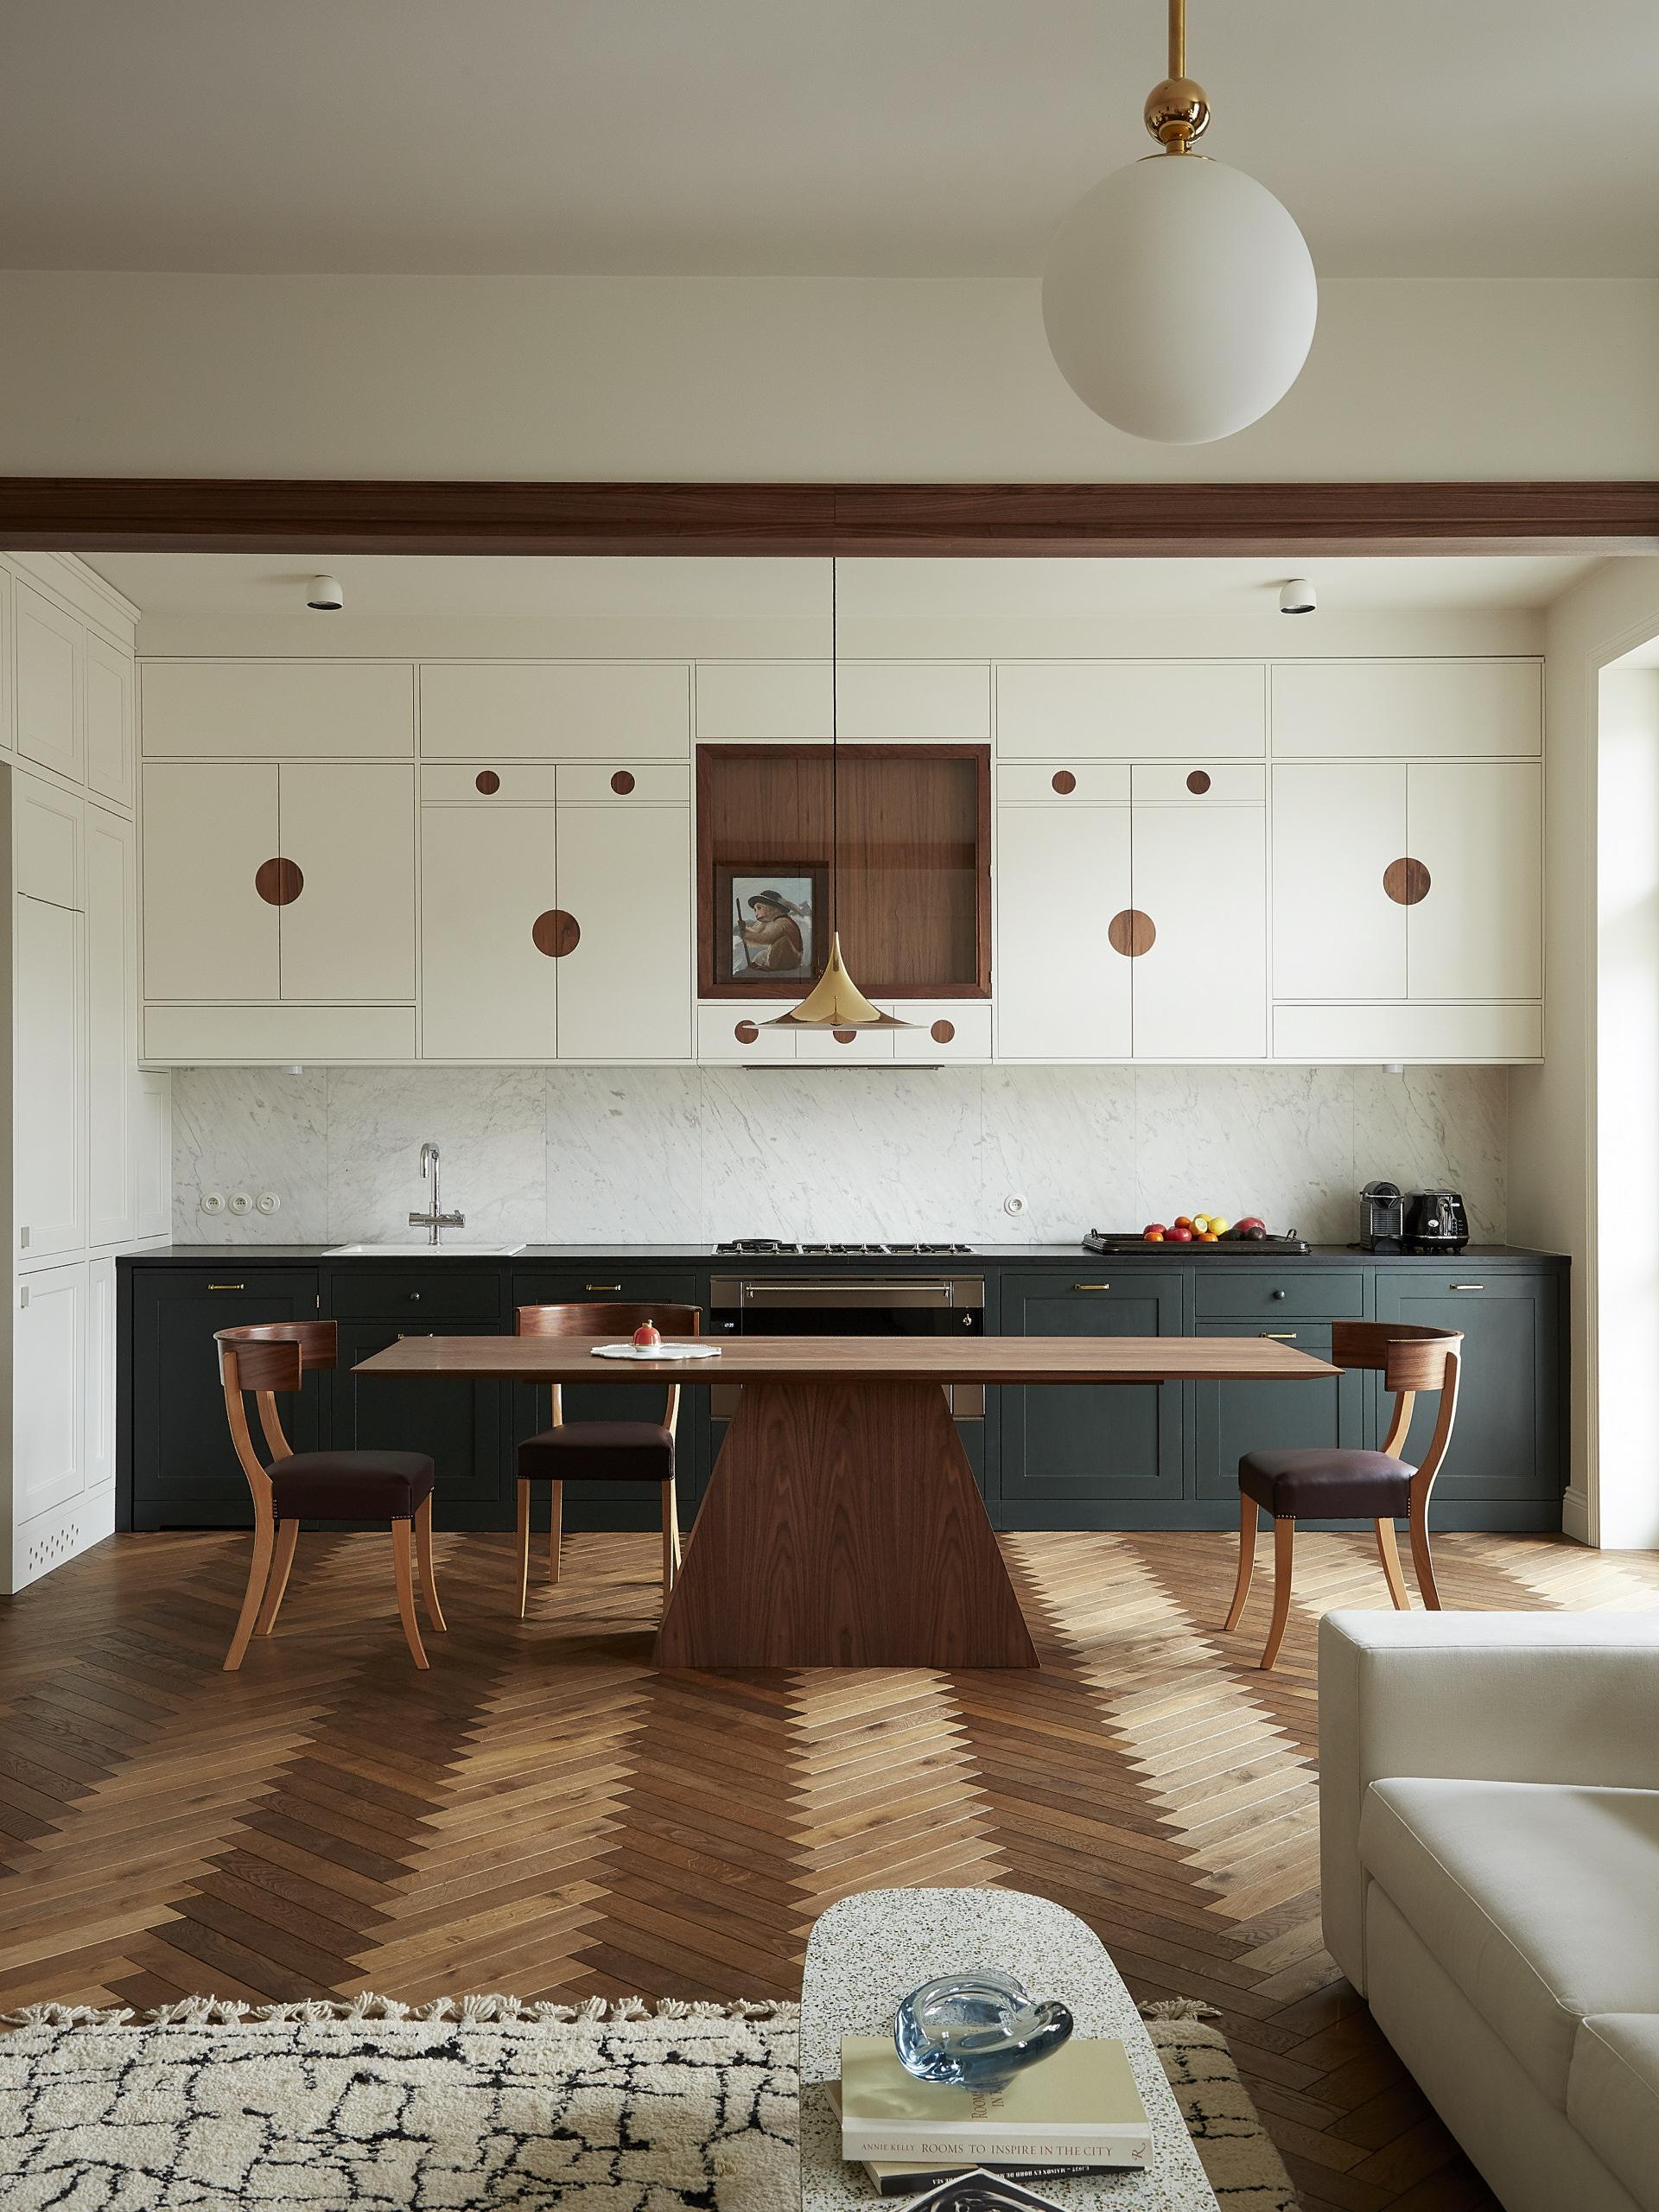 Meble kuchenne wykonane zostały na zamówienie według projektu Colombe Deisign. Lampy to dzieło Flos Wan. Z kolei część jadalnianą zdobią: stół projektu Colombe, krzesła Svenskt Tenn i lampa Gubi.